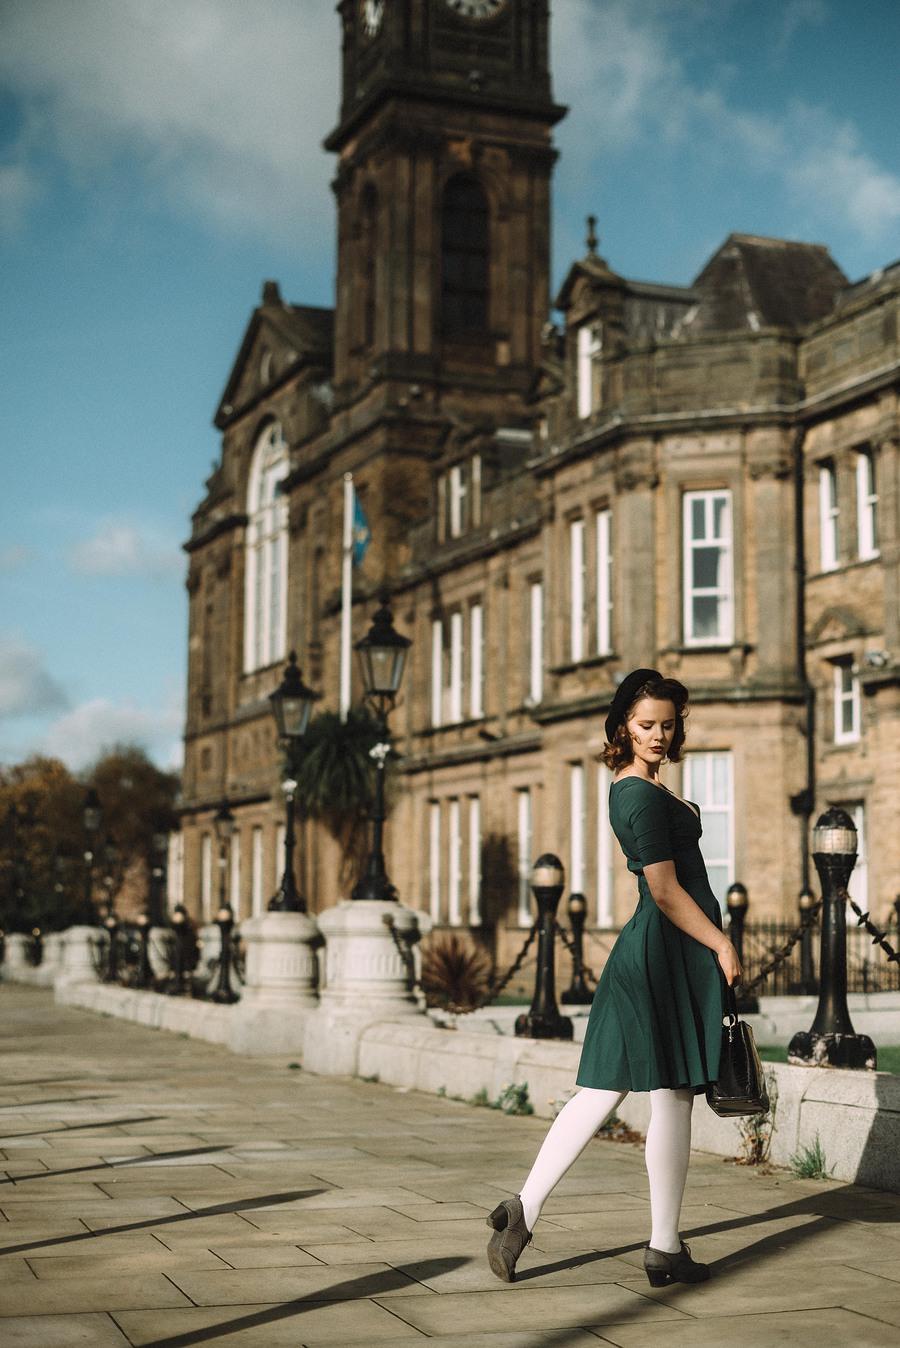 Olivia-Rose / Photography by Kyle May, Model Velvet Fox, Stylist Velvet Fox / Uploaded 30th October 2017 @ 10:53 PM